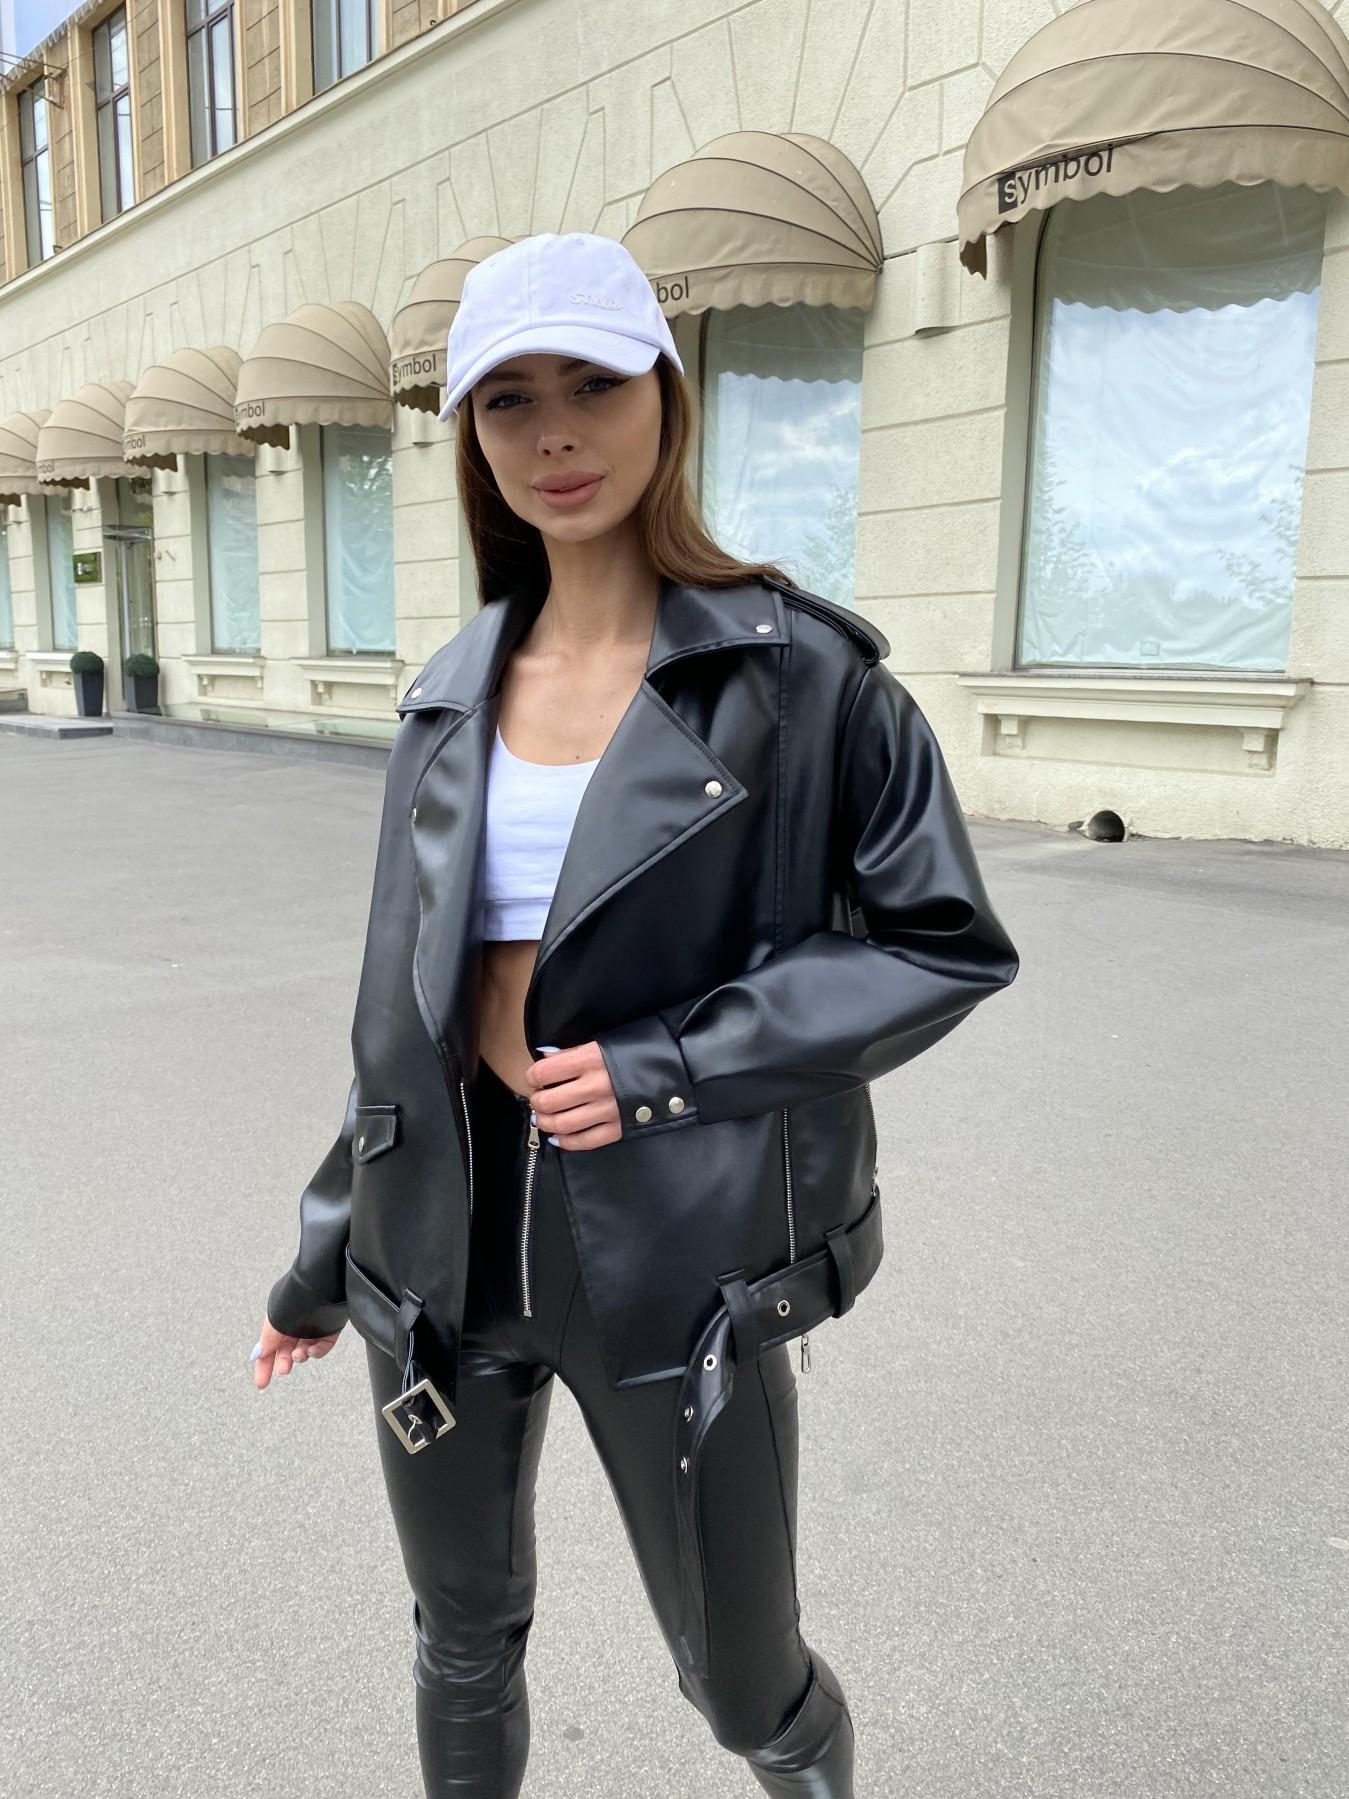 Фора куртка из экокожи прокатанная 11204 АРТ. 47779 Цвет: Черный - фото 1, интернет магазин tm-modus.ru